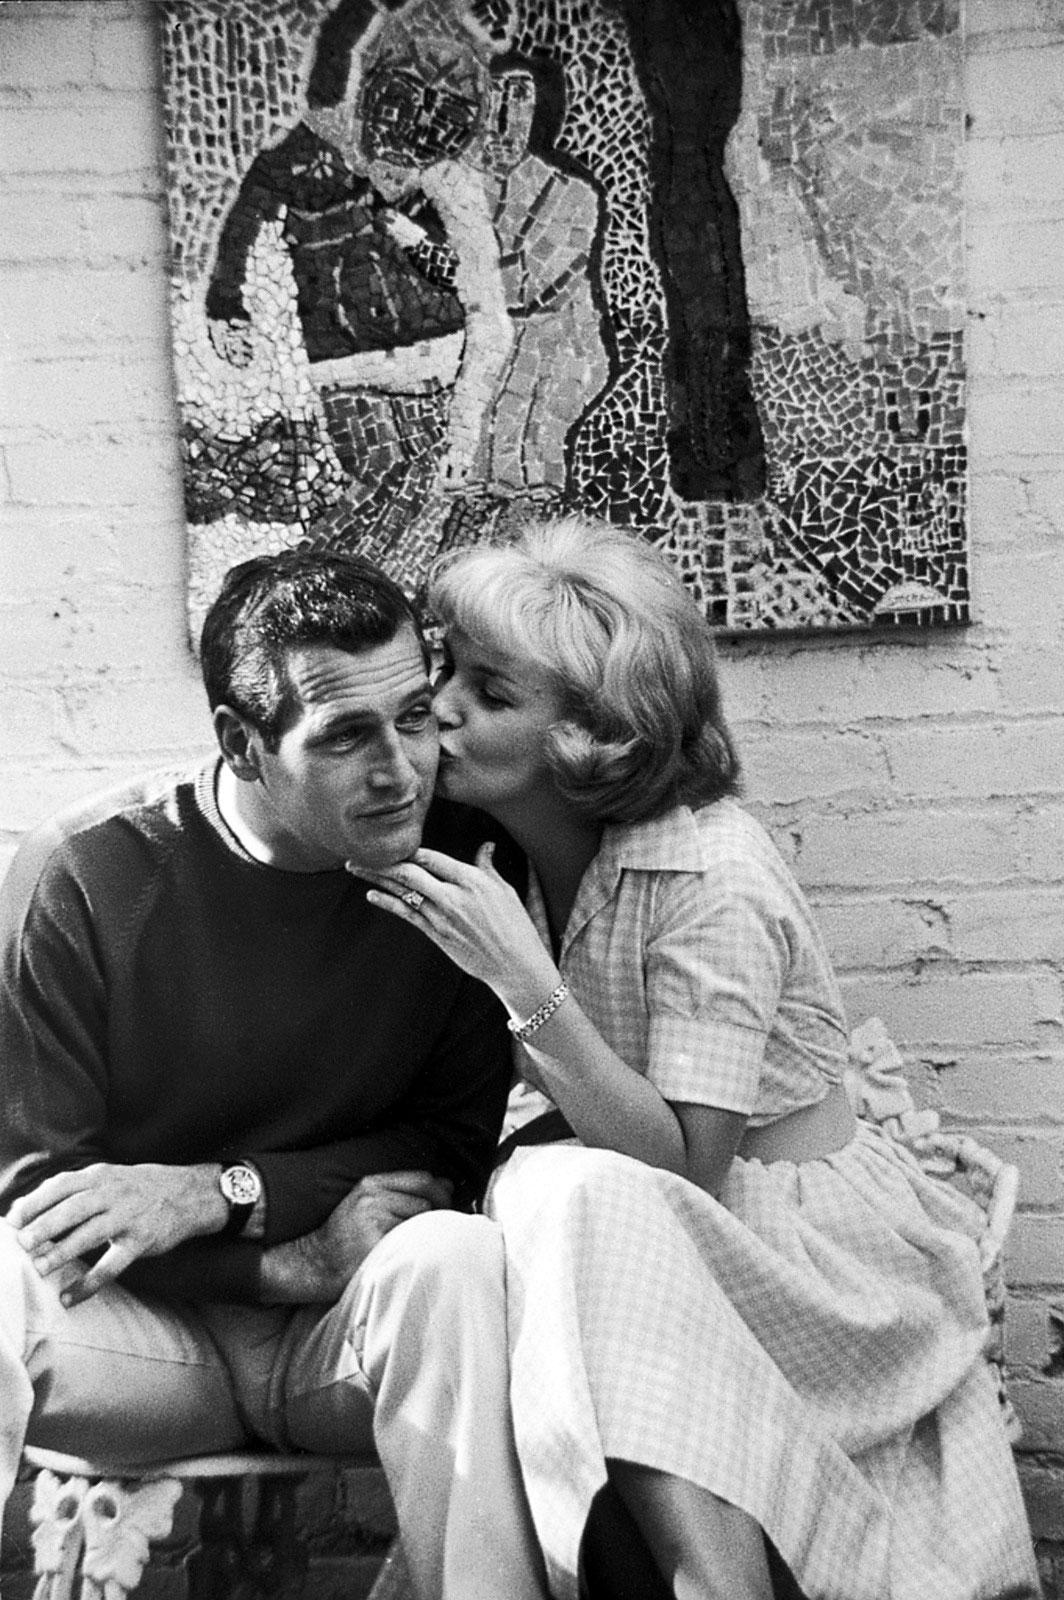 http://4.bp.blogspot.com/-8GLWSN5jGJs/TViHS8pJ5qI/AAAAAAAACxc/uXzmi7f1Y9Y/s1600/Joanne-Woodward-Kissing-Paul-Newman.jpg